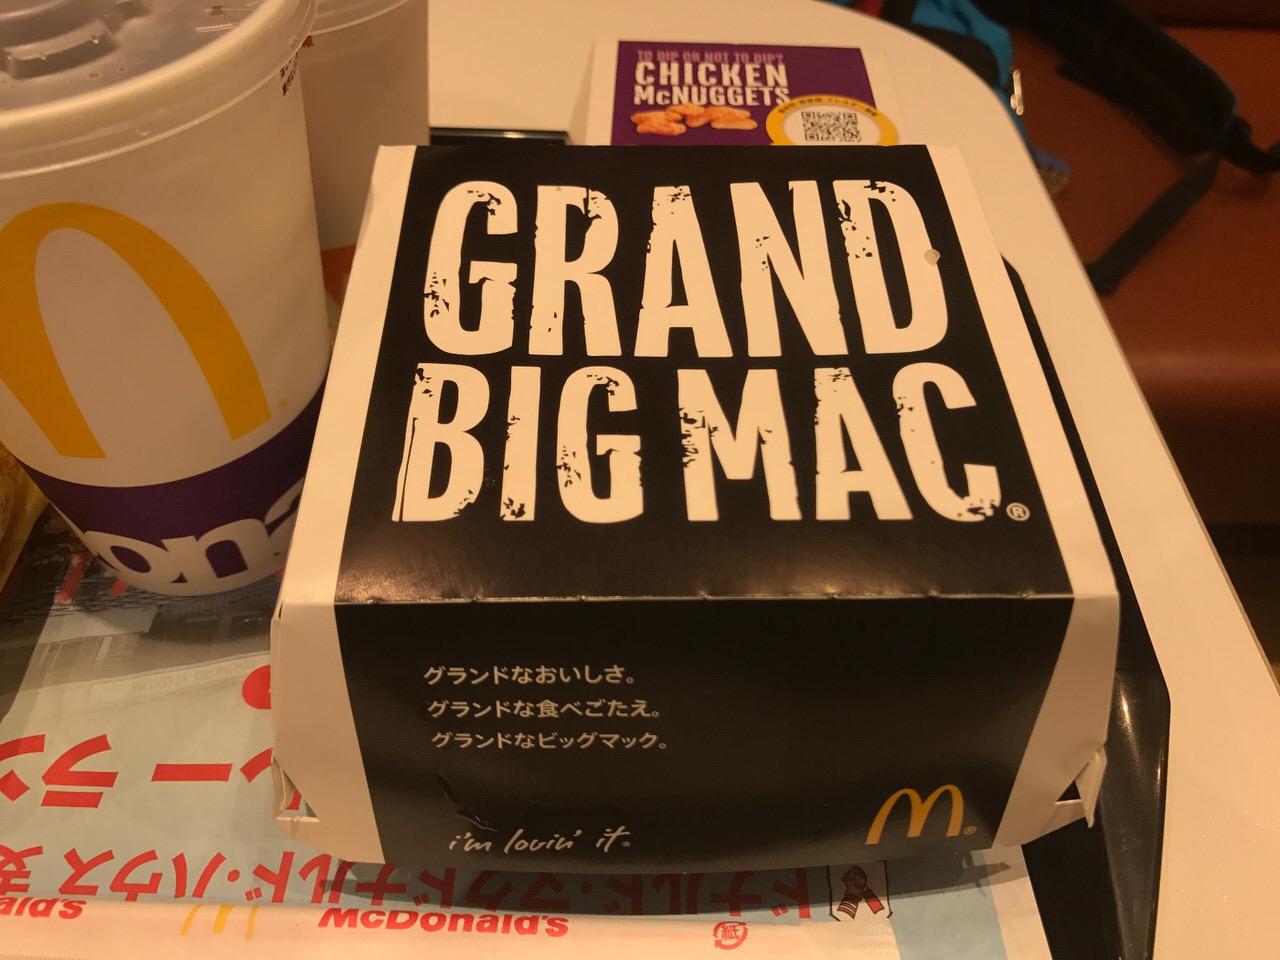 「グランドビッグマック」そこはかとない満腹感を感じる素晴らしきバーガー #マクドナルド